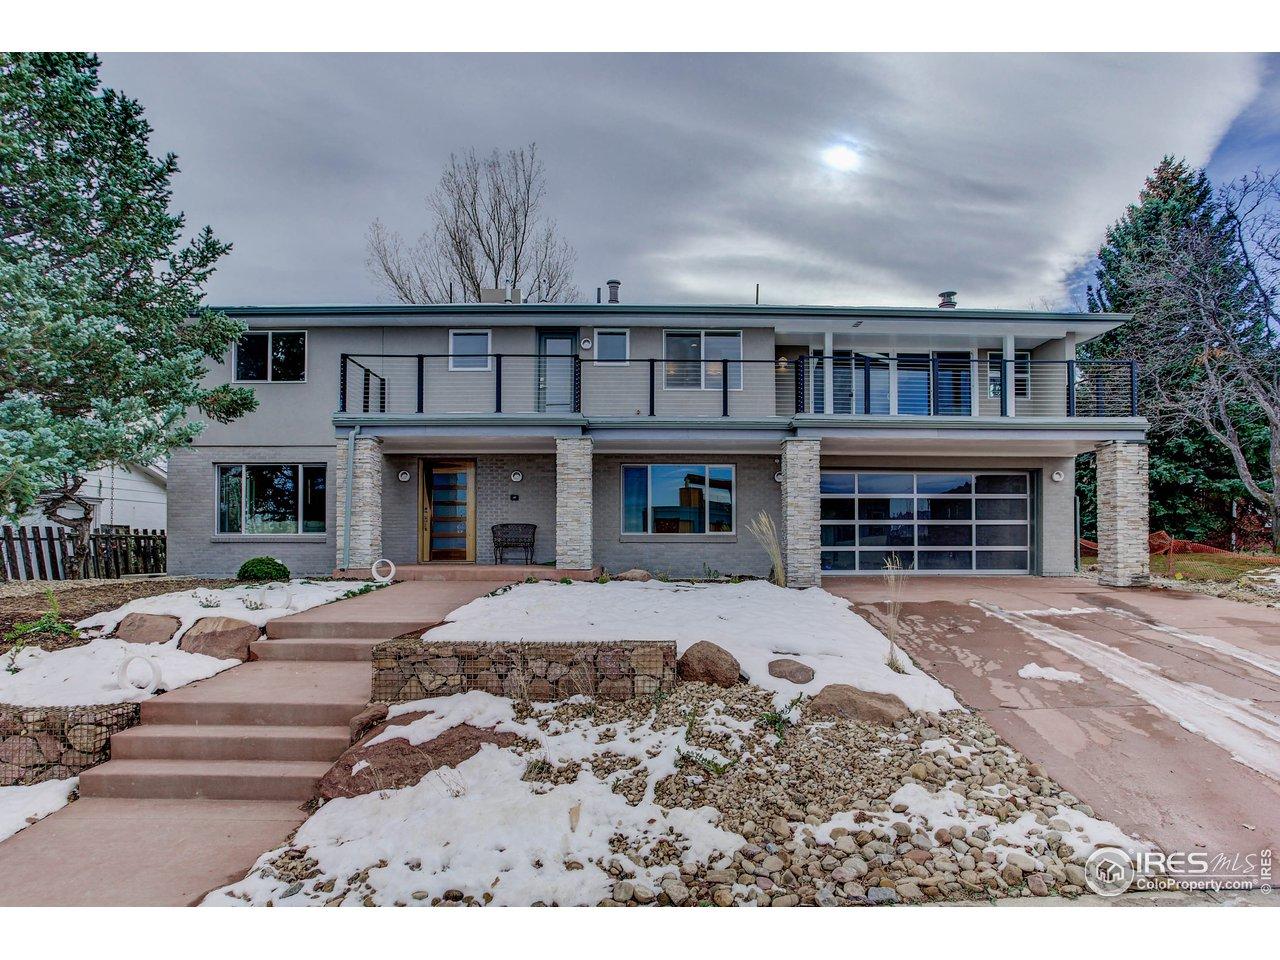 2250 Vassar Dr, Boulder CO 80305